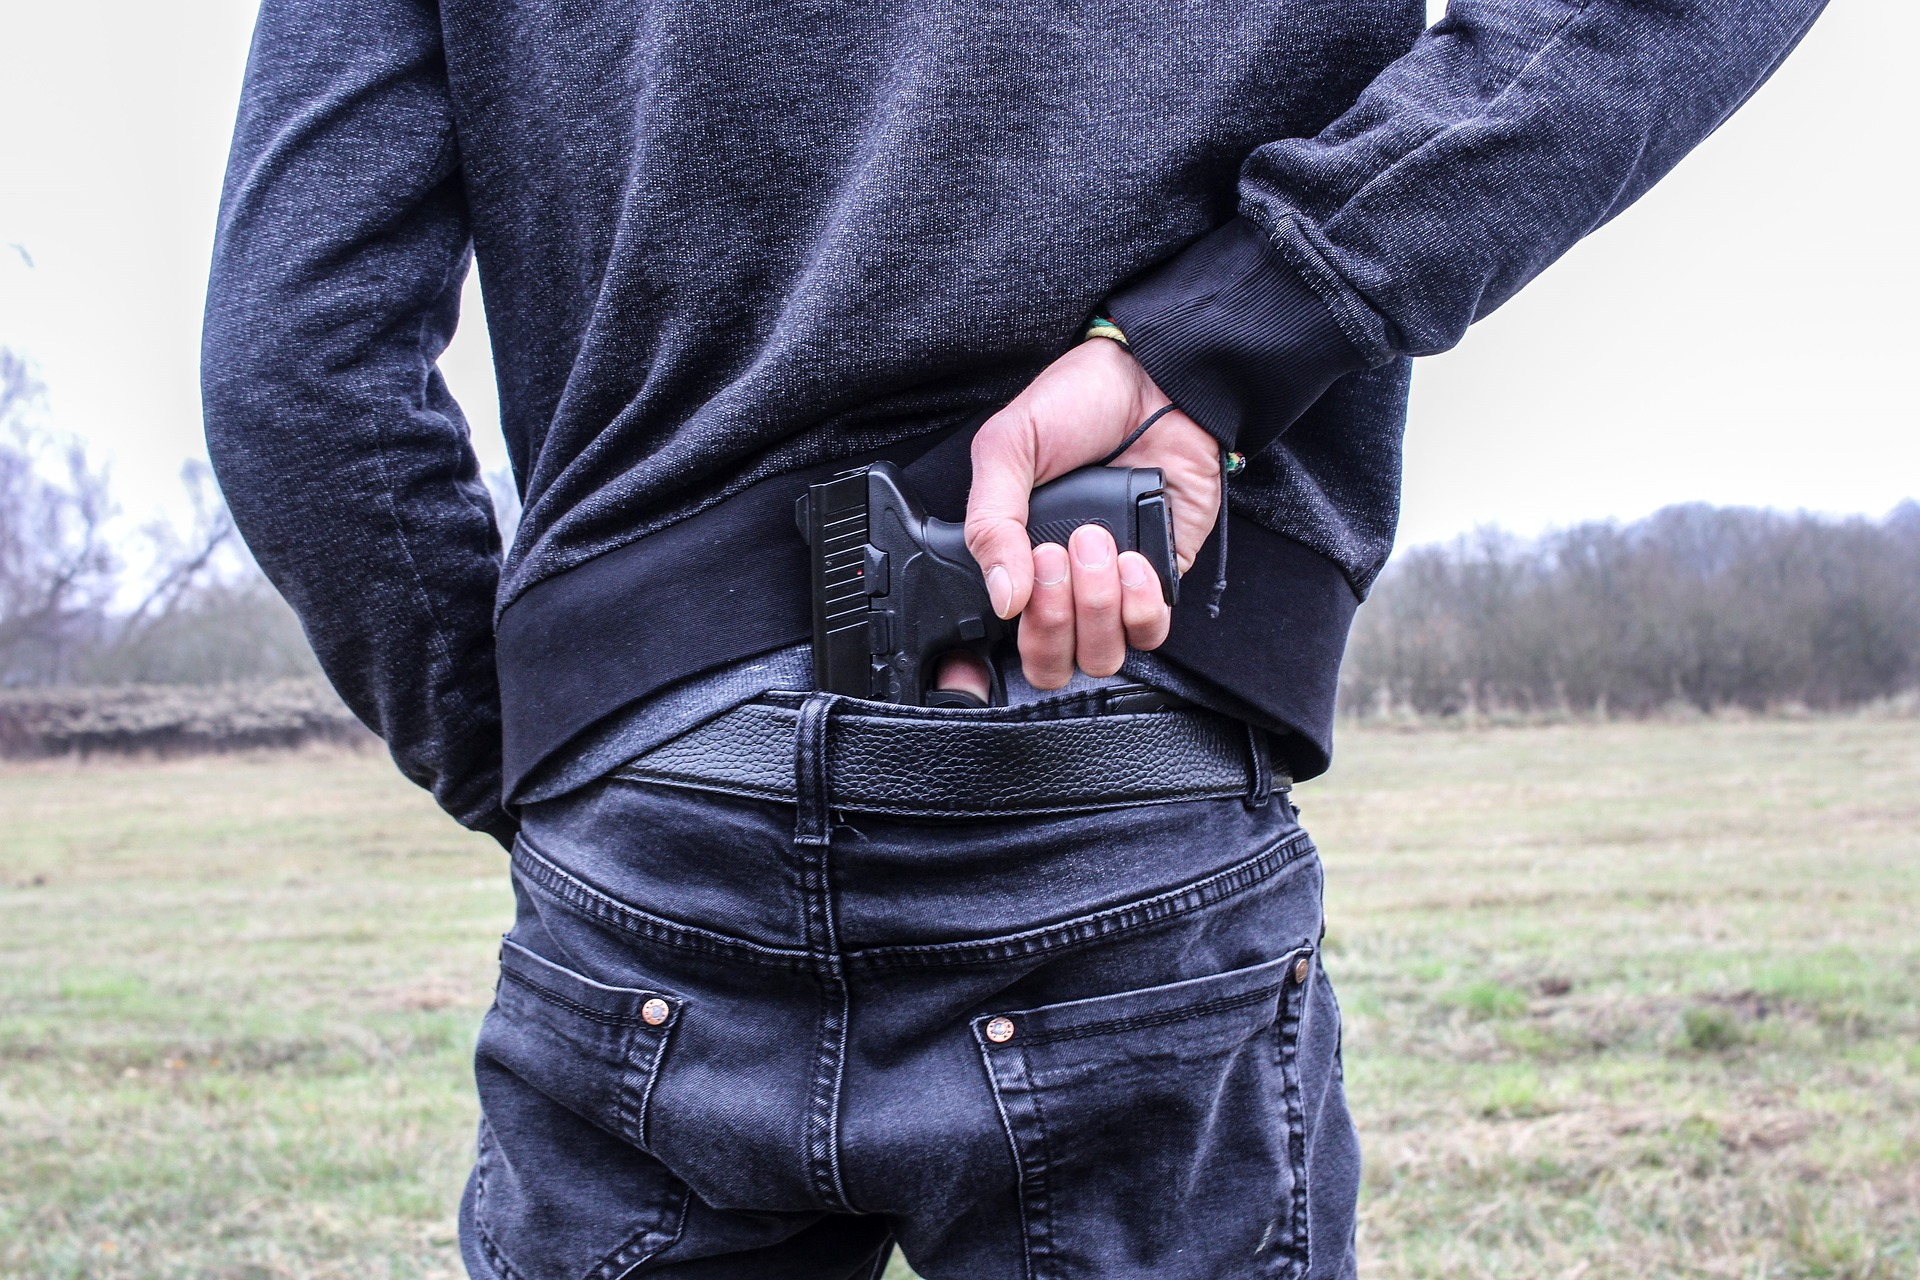 Waffen zur Selbstverteidigung? Pro und Contra!